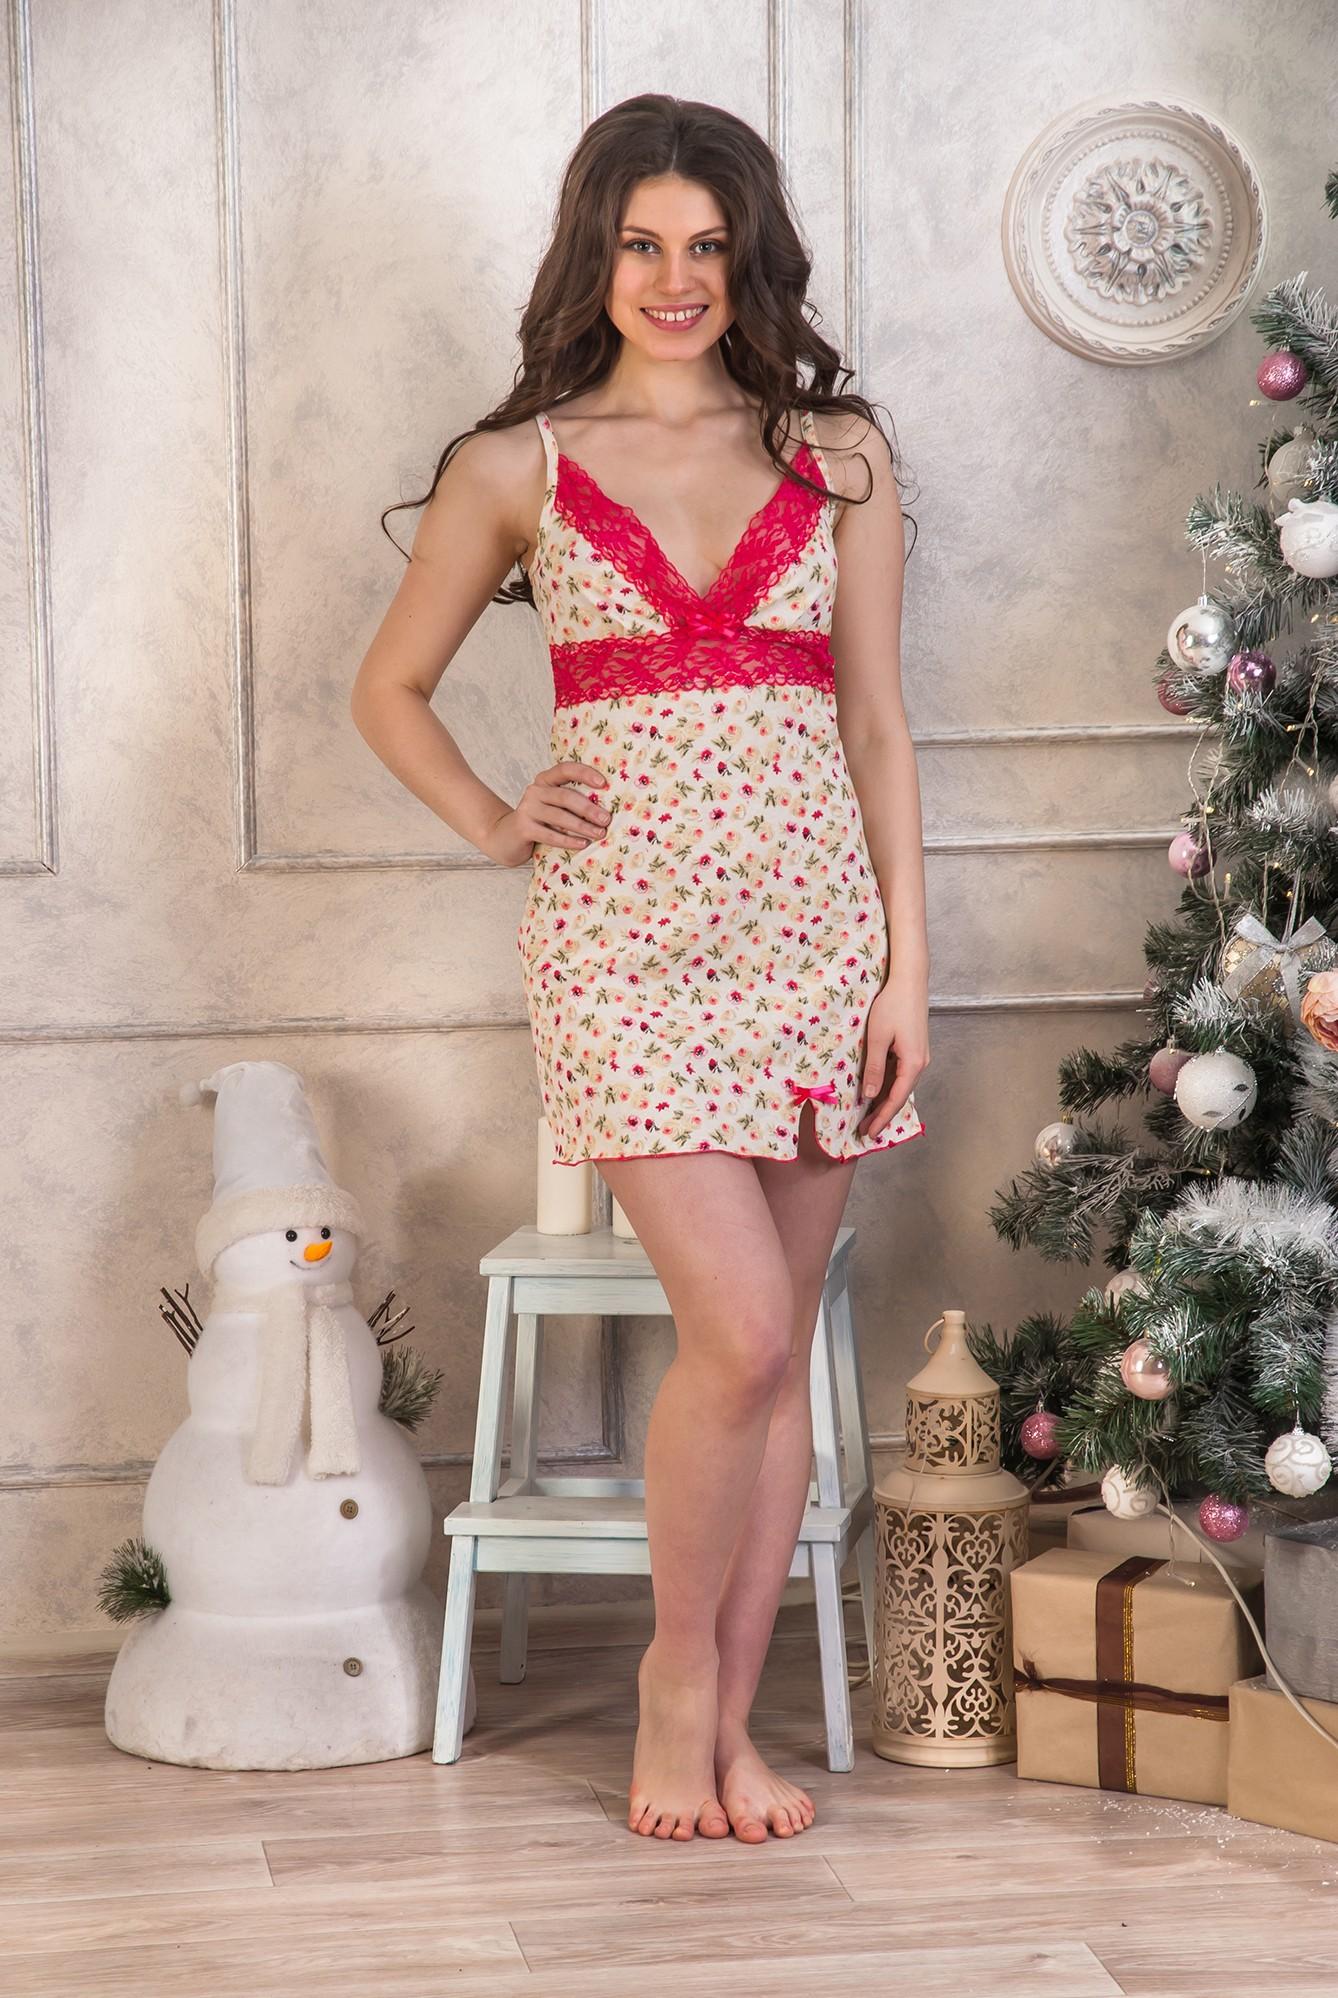 Сорочка женская Лира на тонких бретеляхДомашняя одежда<br><br><br>Размер: 48